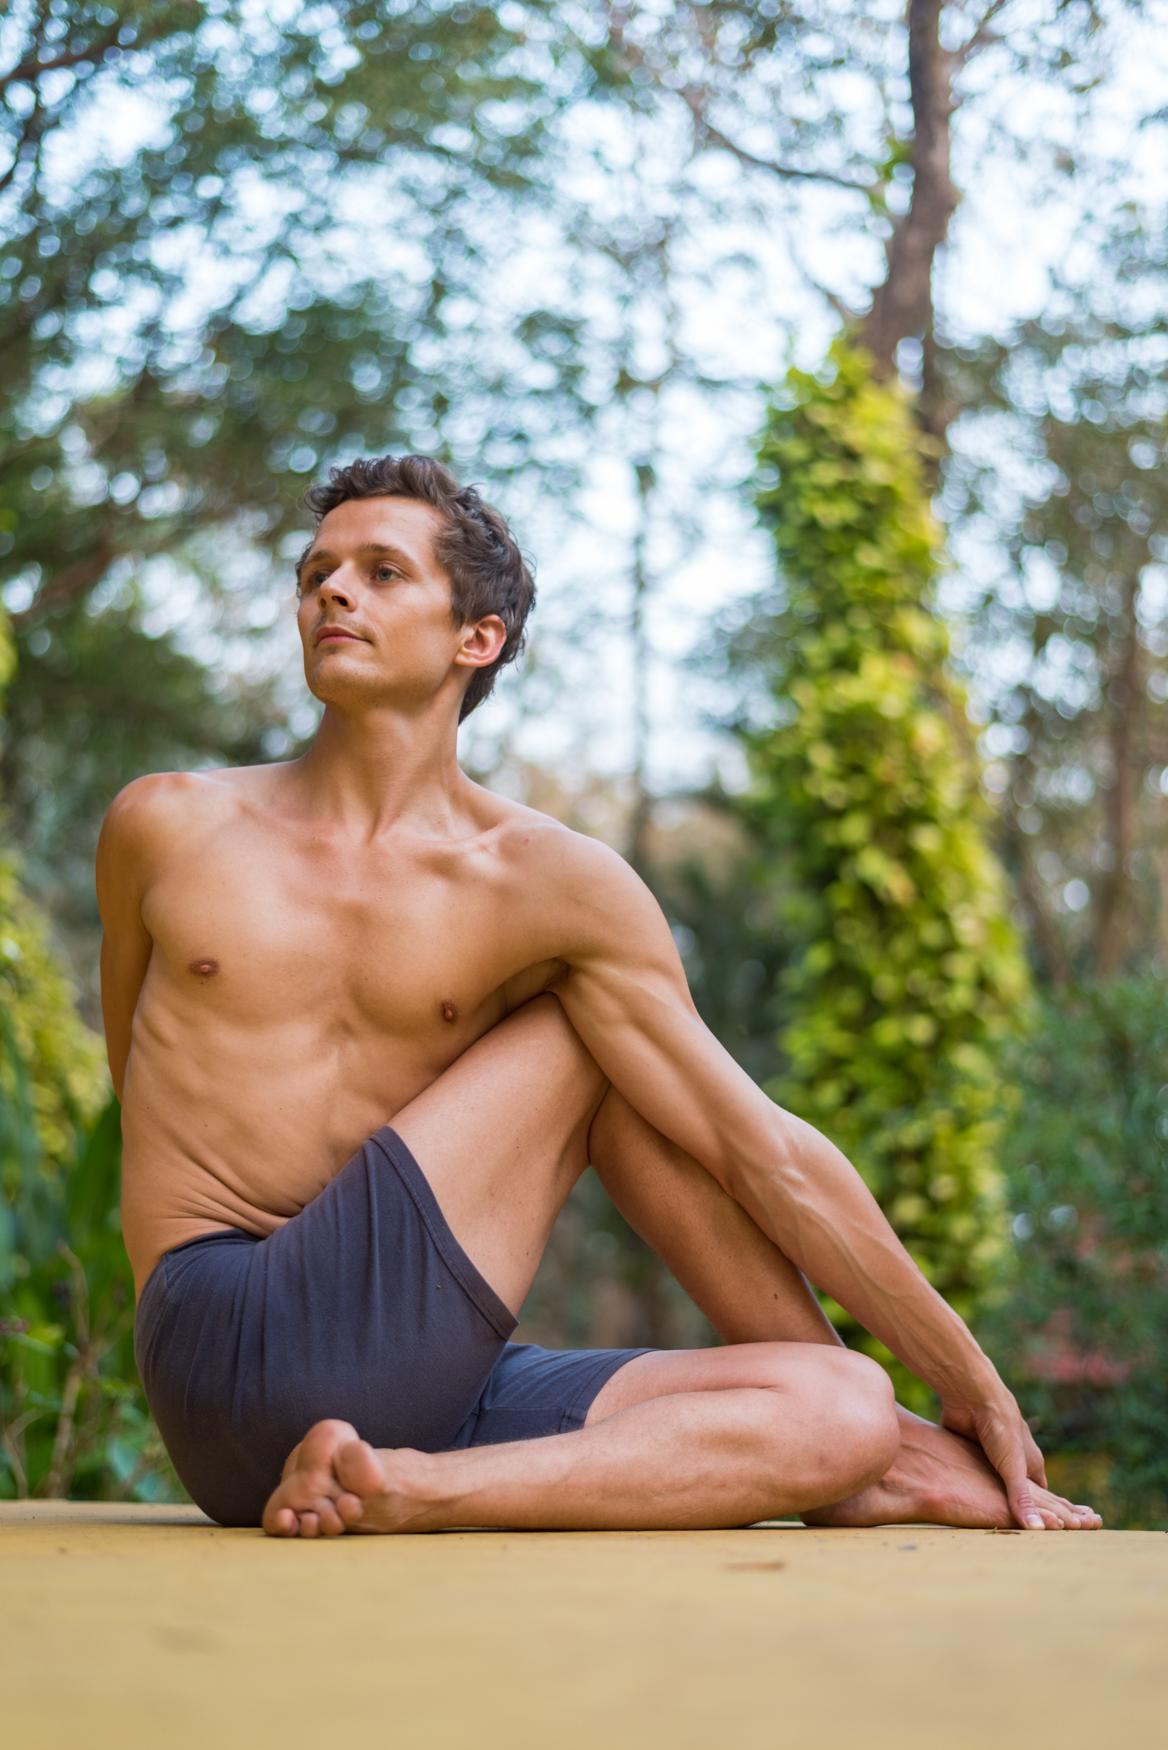 Yoga-Asana-Photography-Costa-Rica-21.jpg